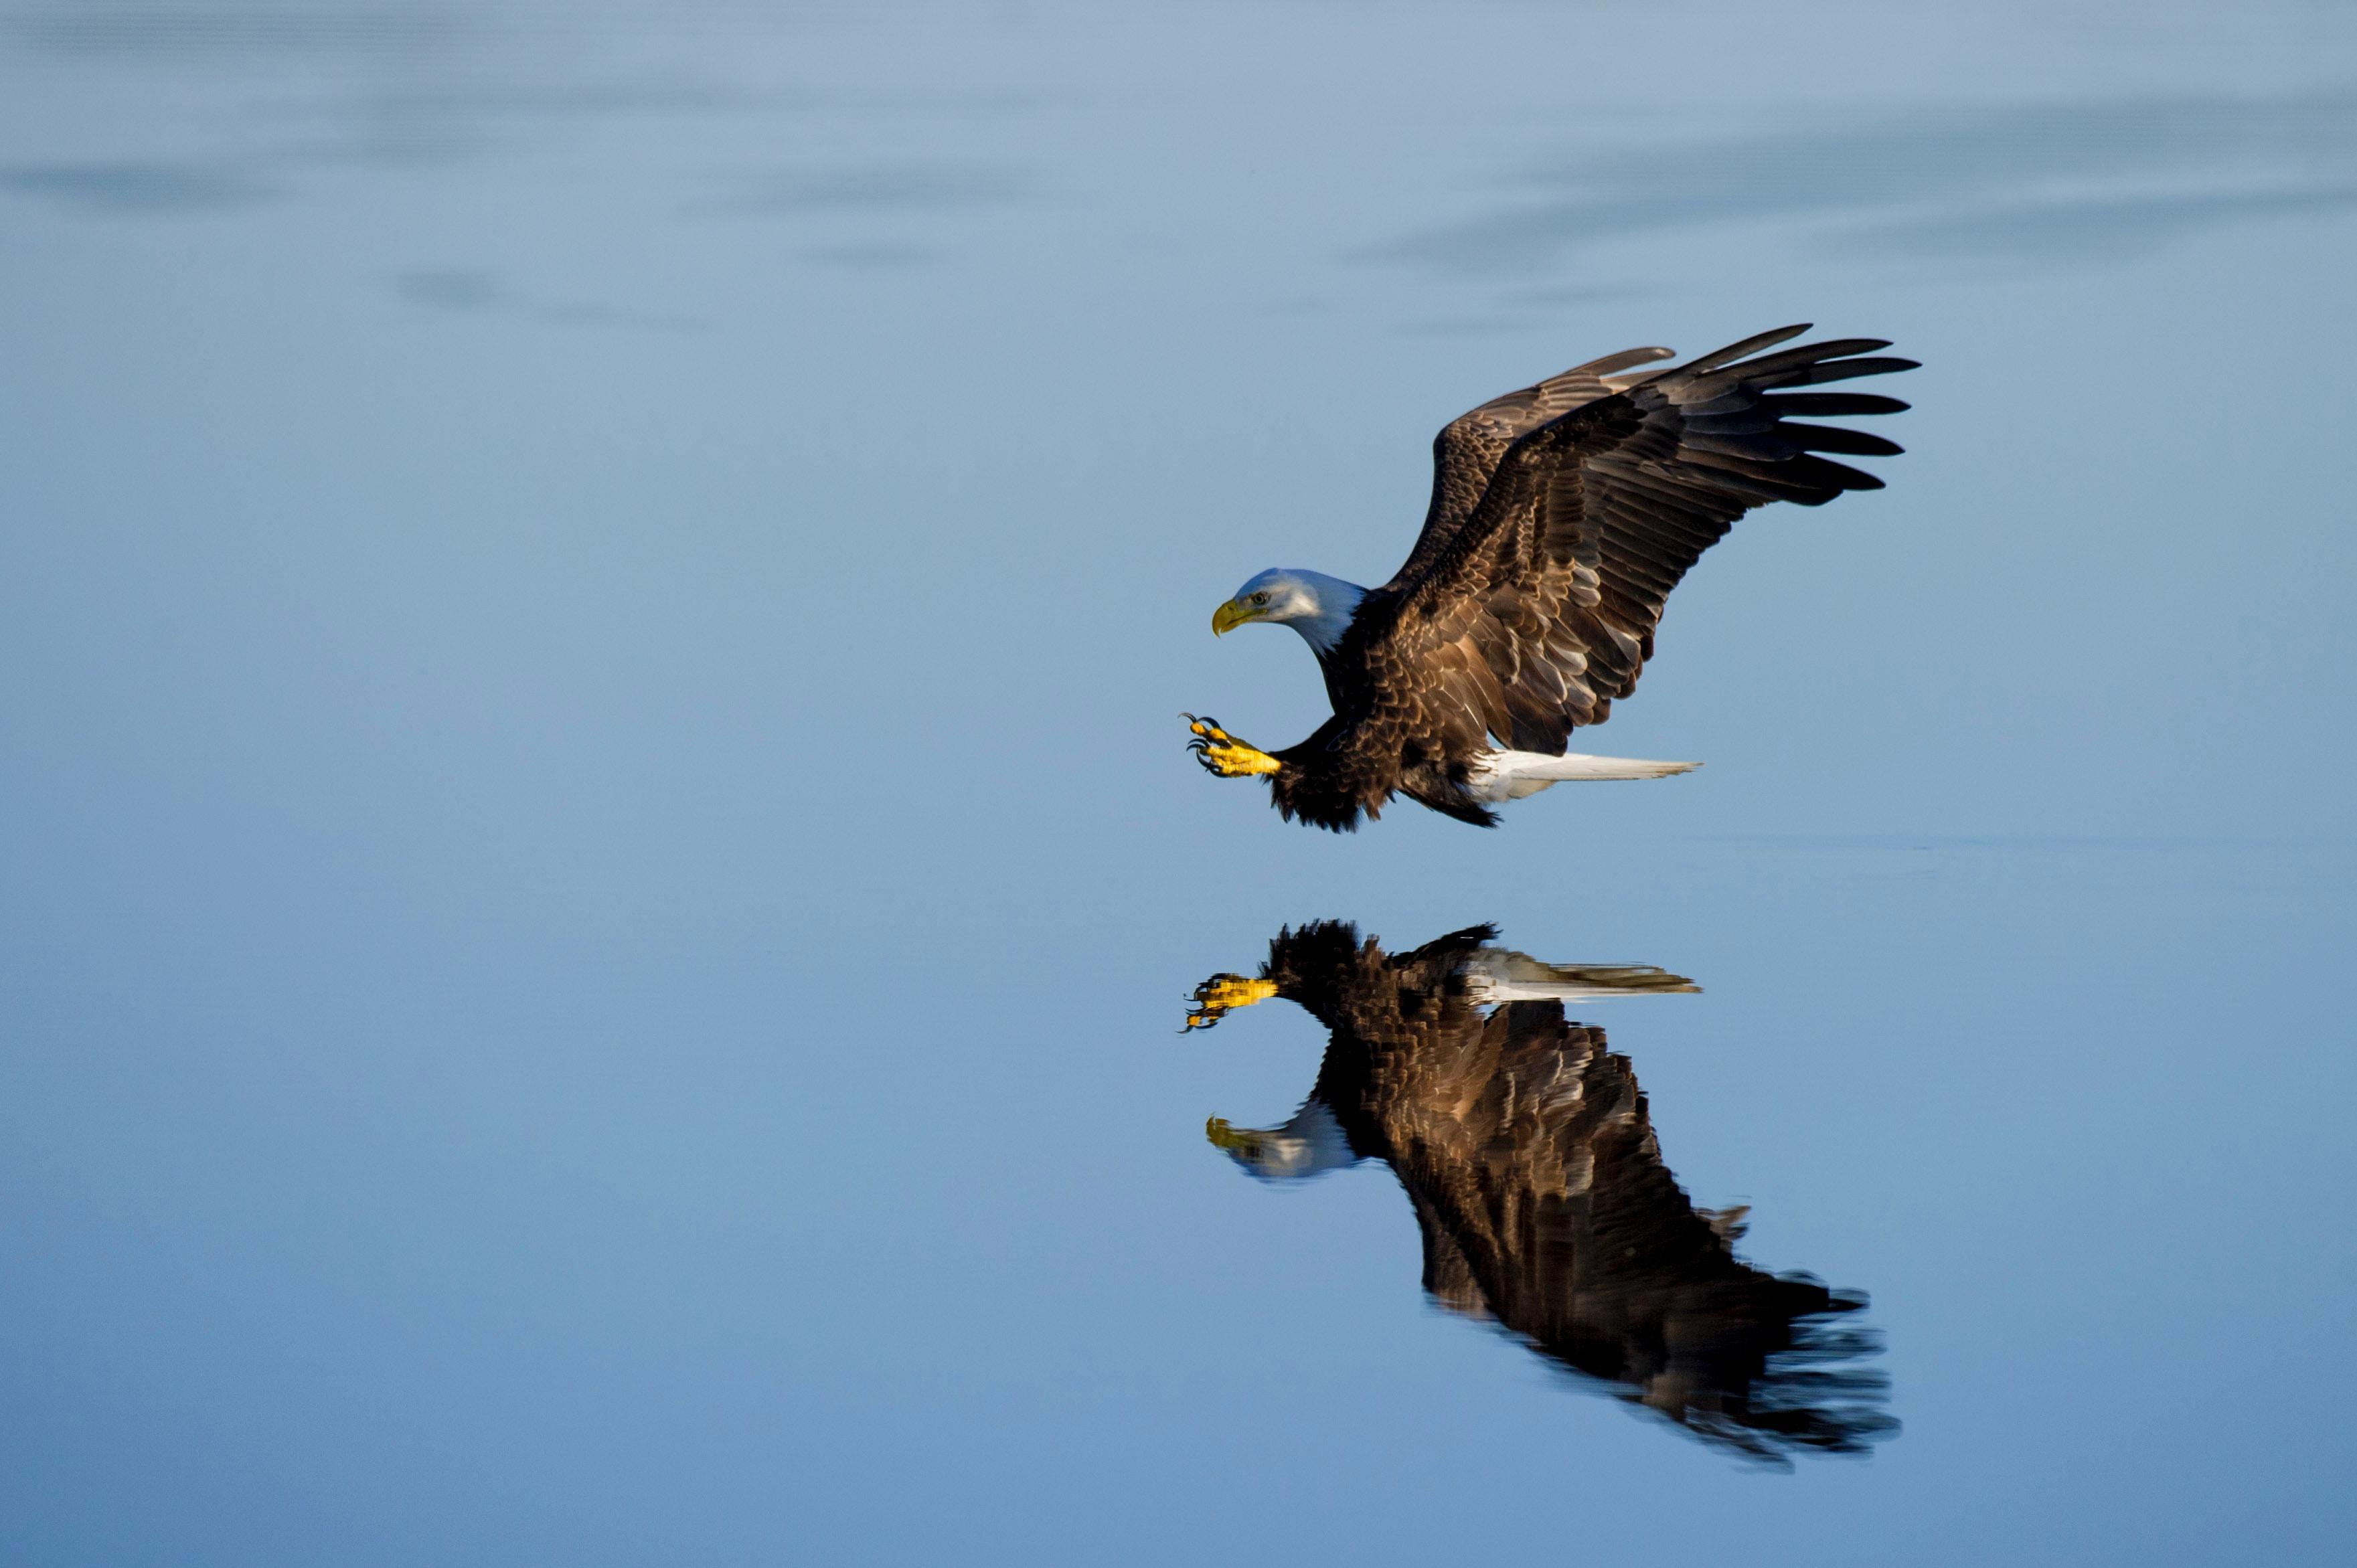 aigle-photo.jpg